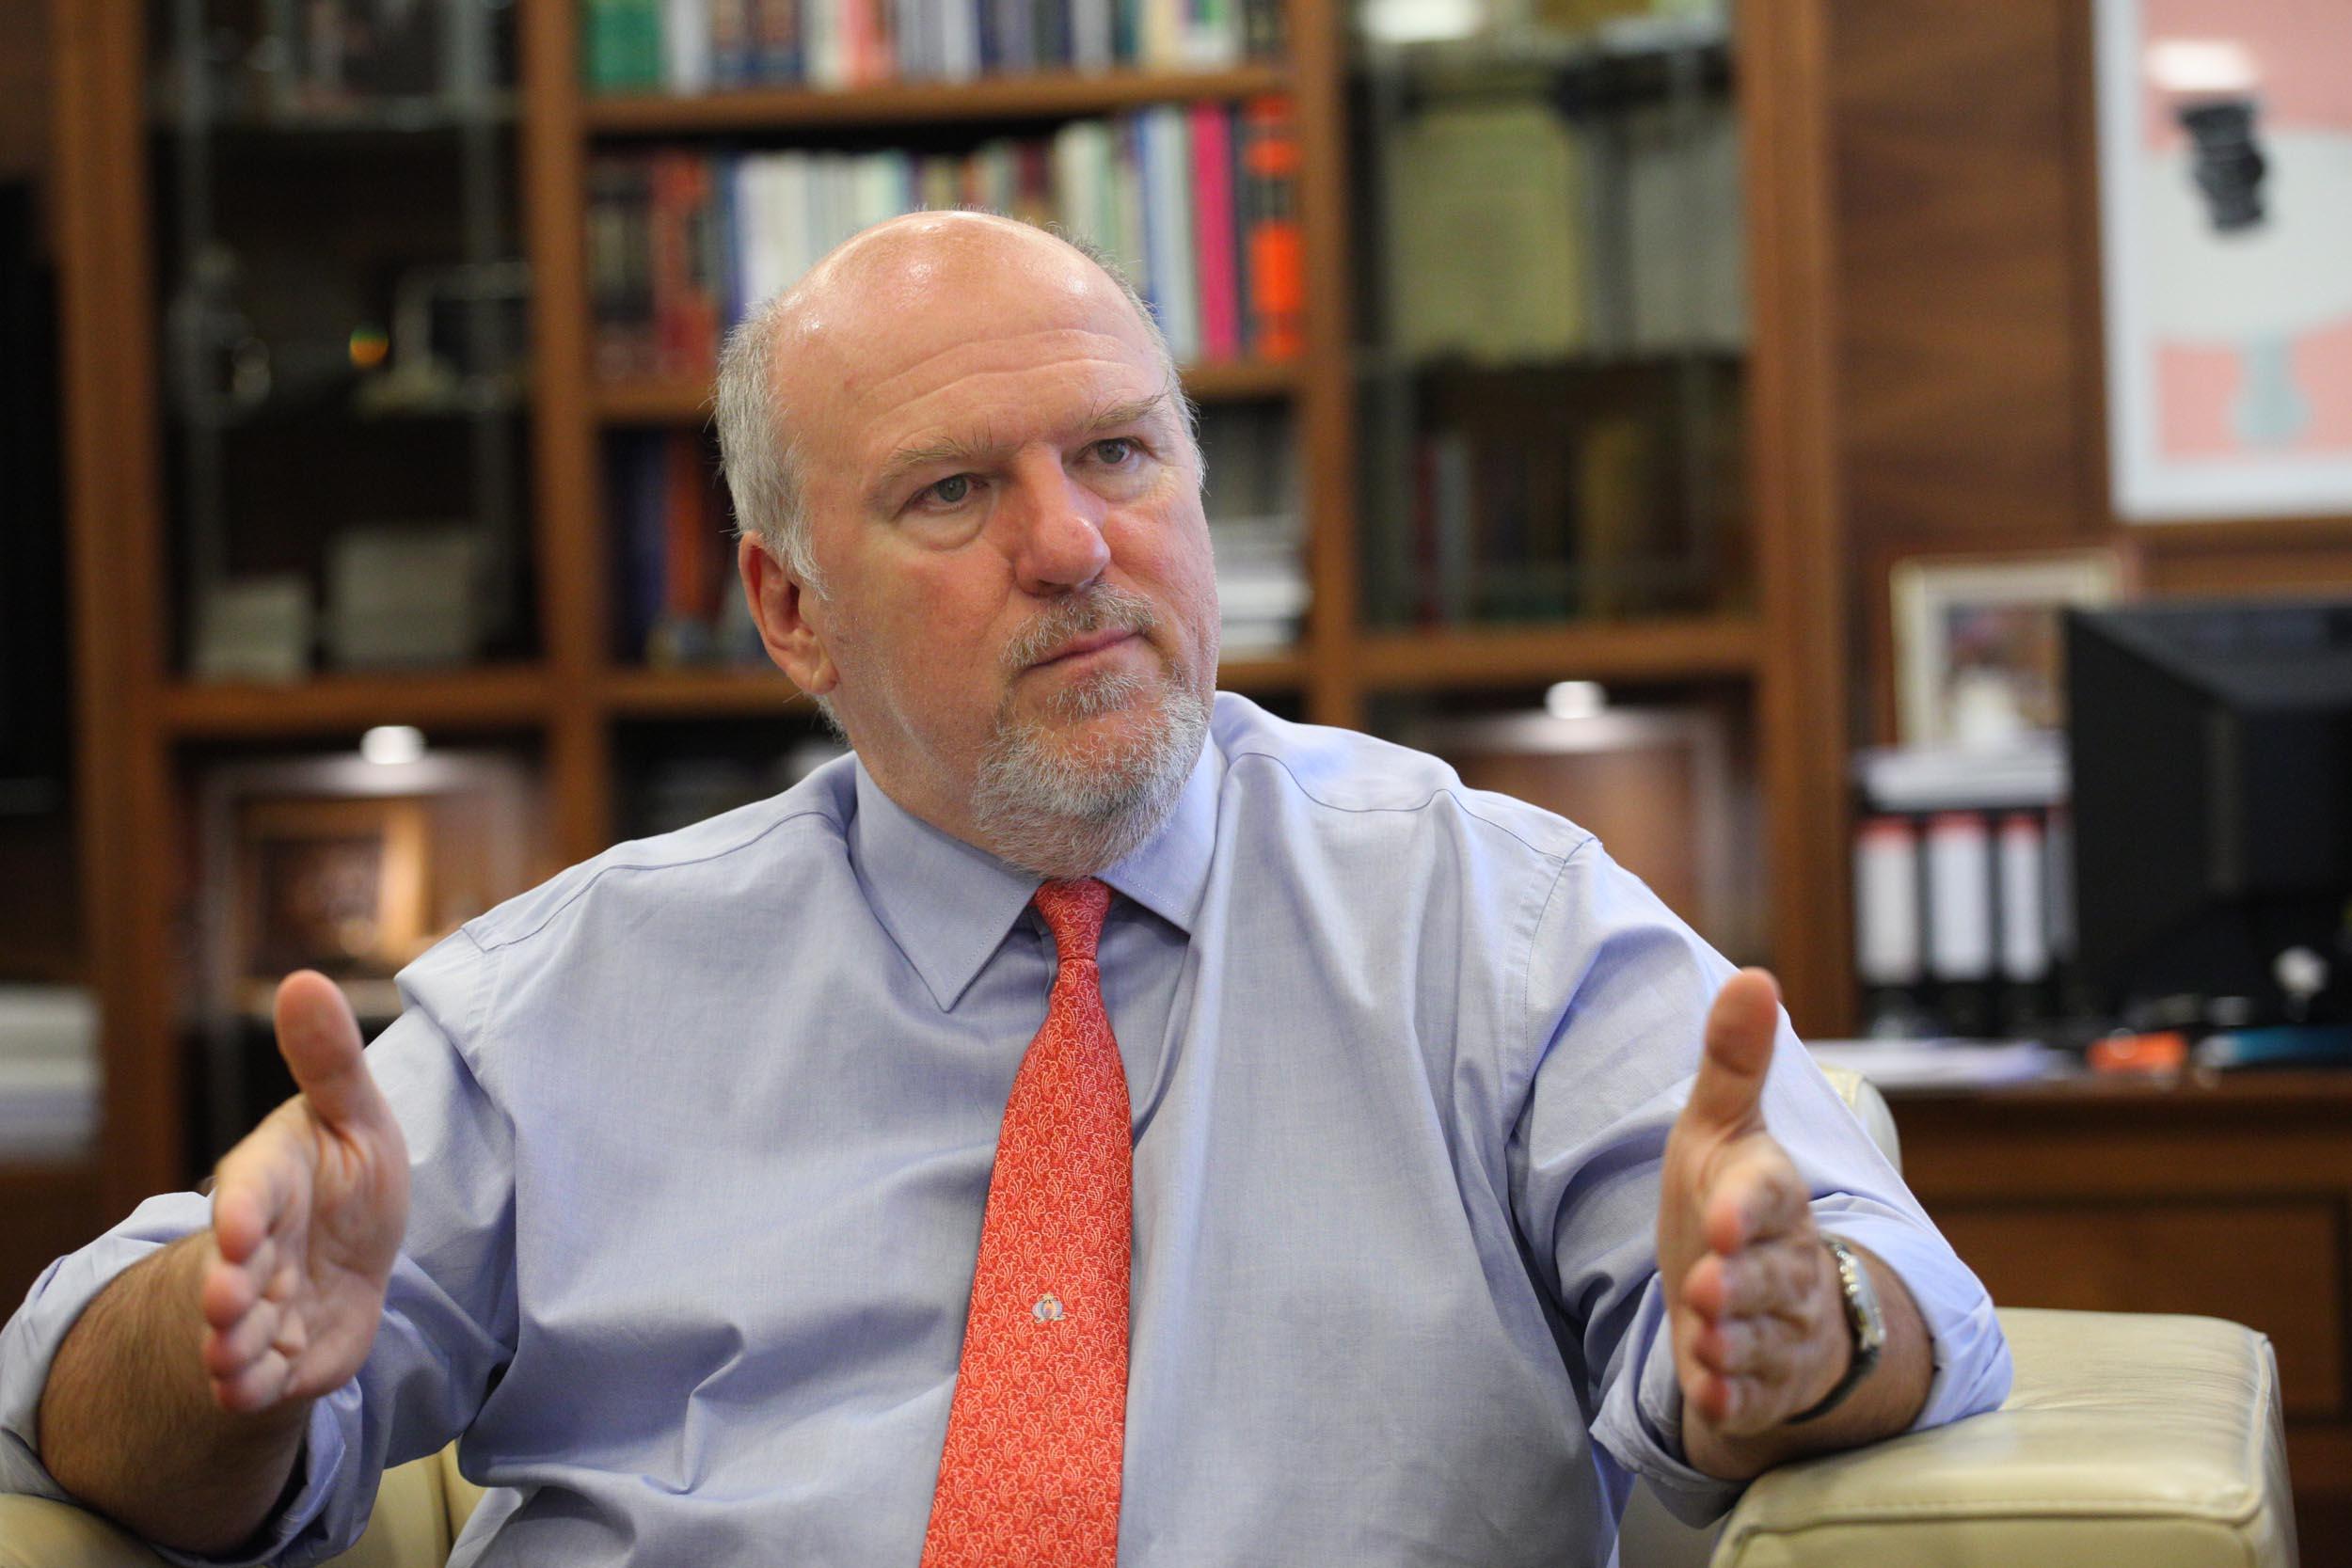 Dr. Varga Péter Pál az Országos Gerincgyógyászati Központ főigazgatója